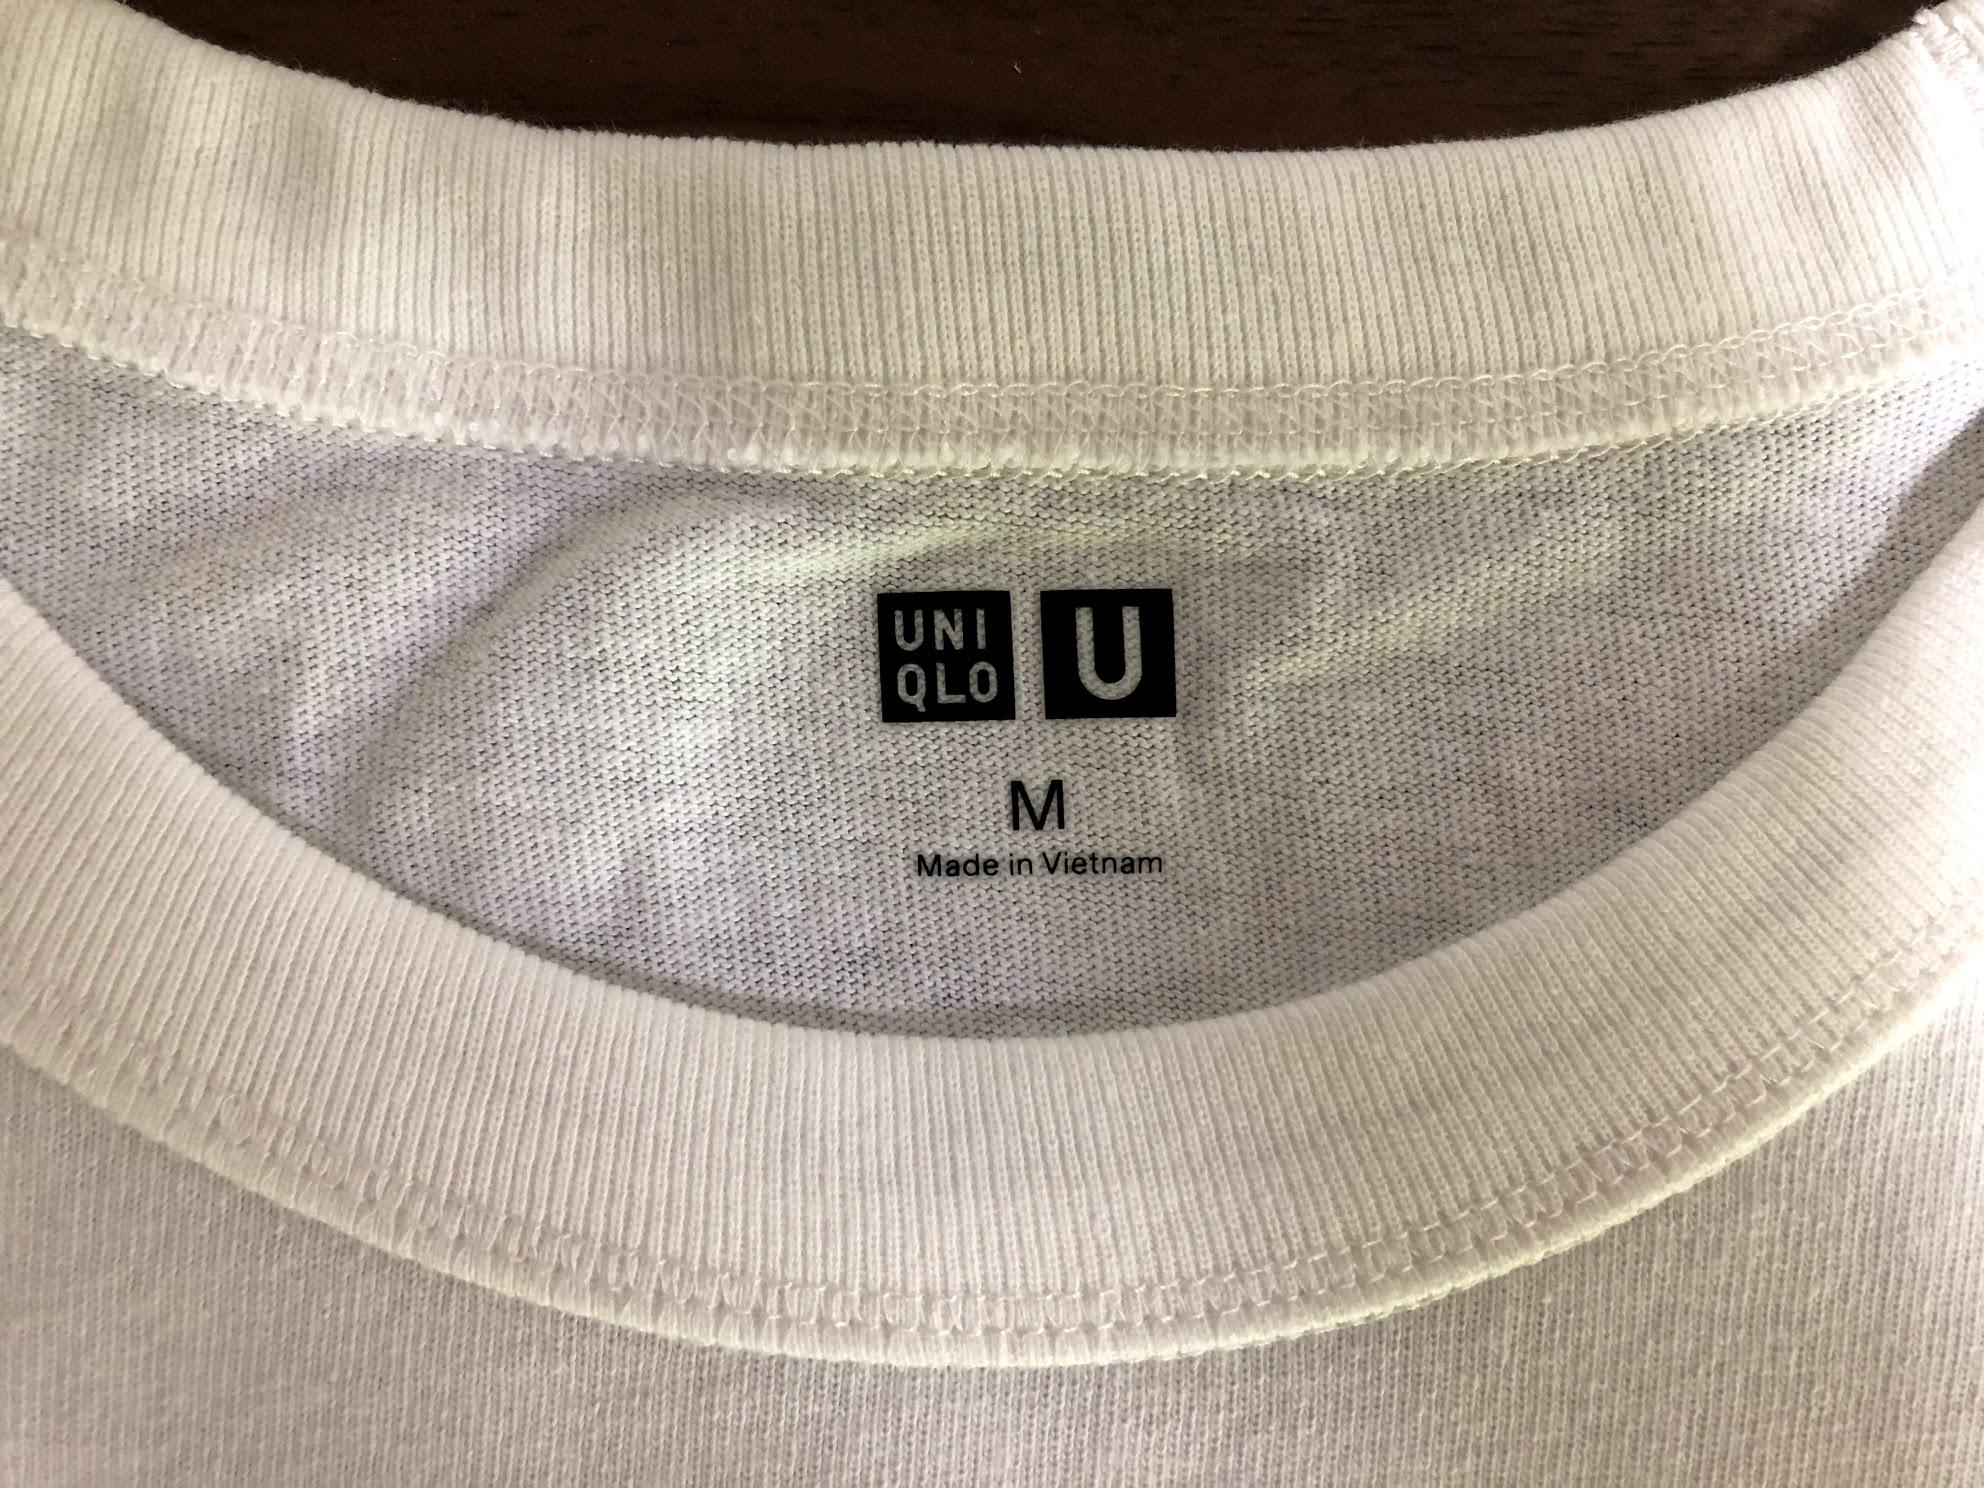 2019年ユニクロUTシャツのタグ